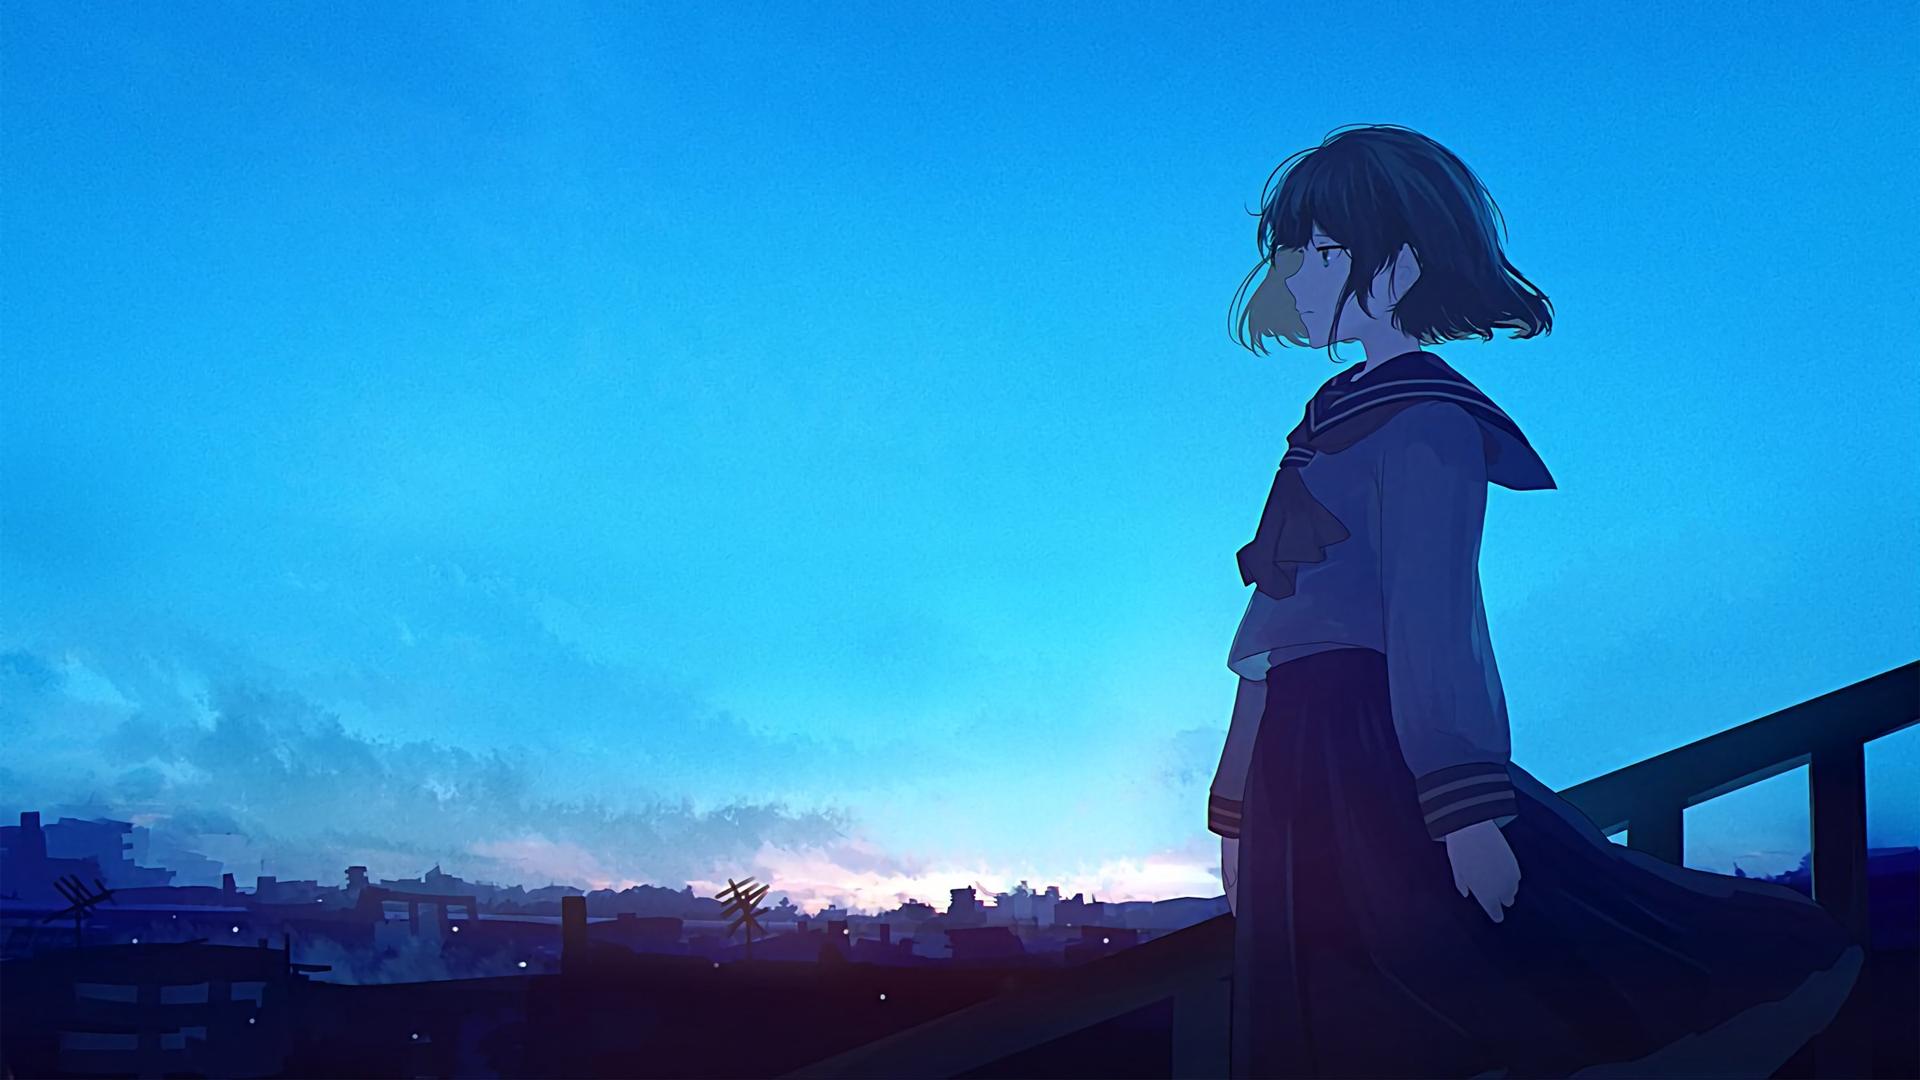 Download 42+ Background Anime Langit HD Paling Keren